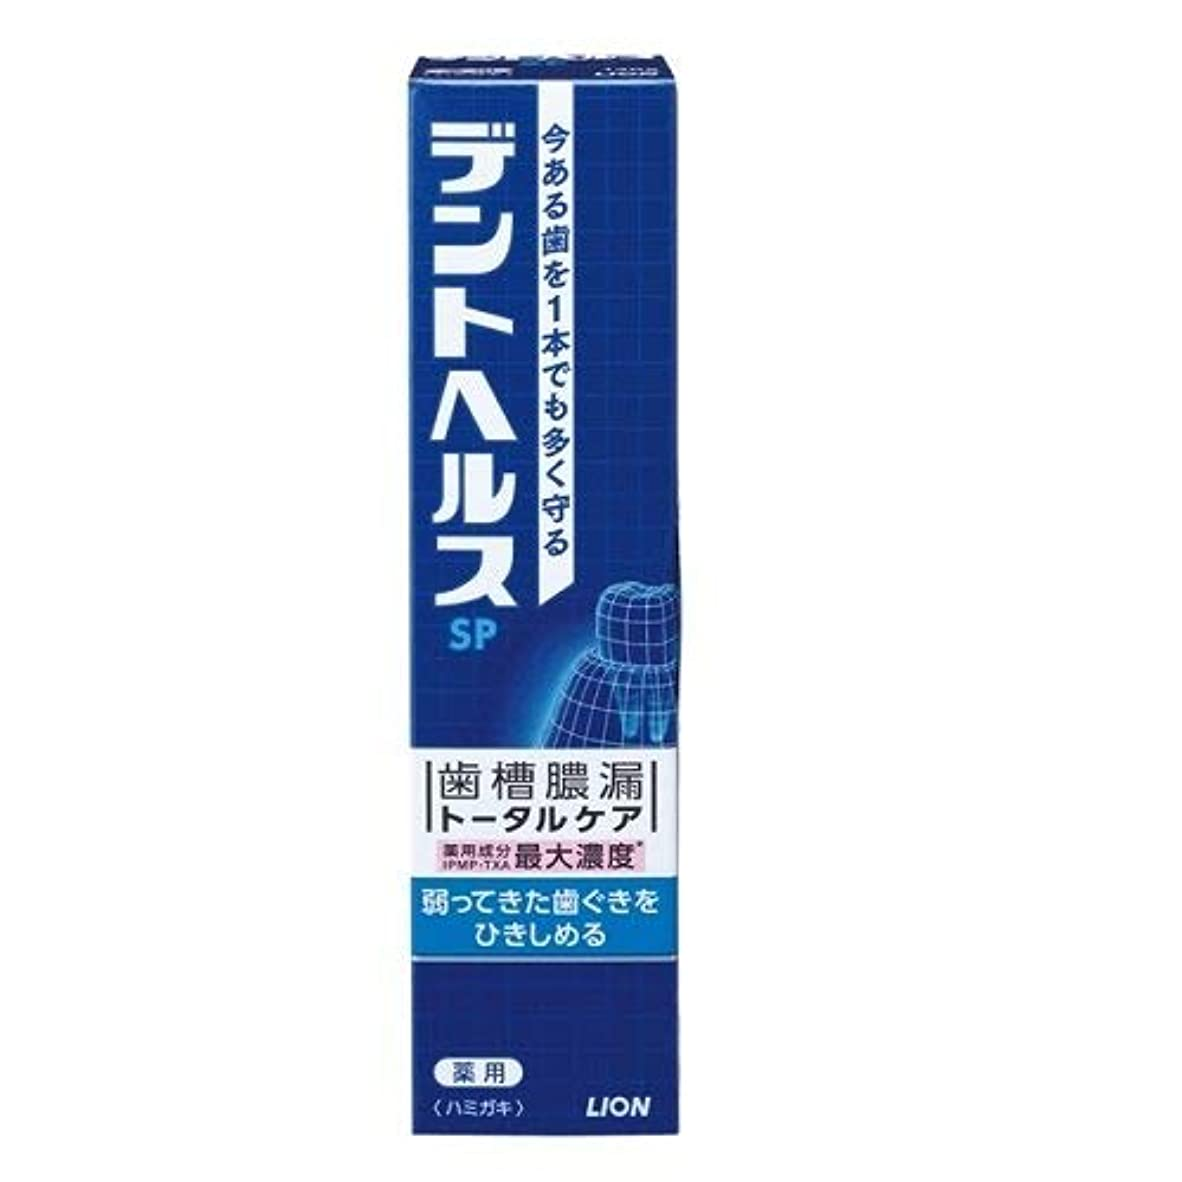 制限する適切に悪意のあるライオン デントヘルス 薬用ハミガキ SP 120g (医薬部外品)× 4